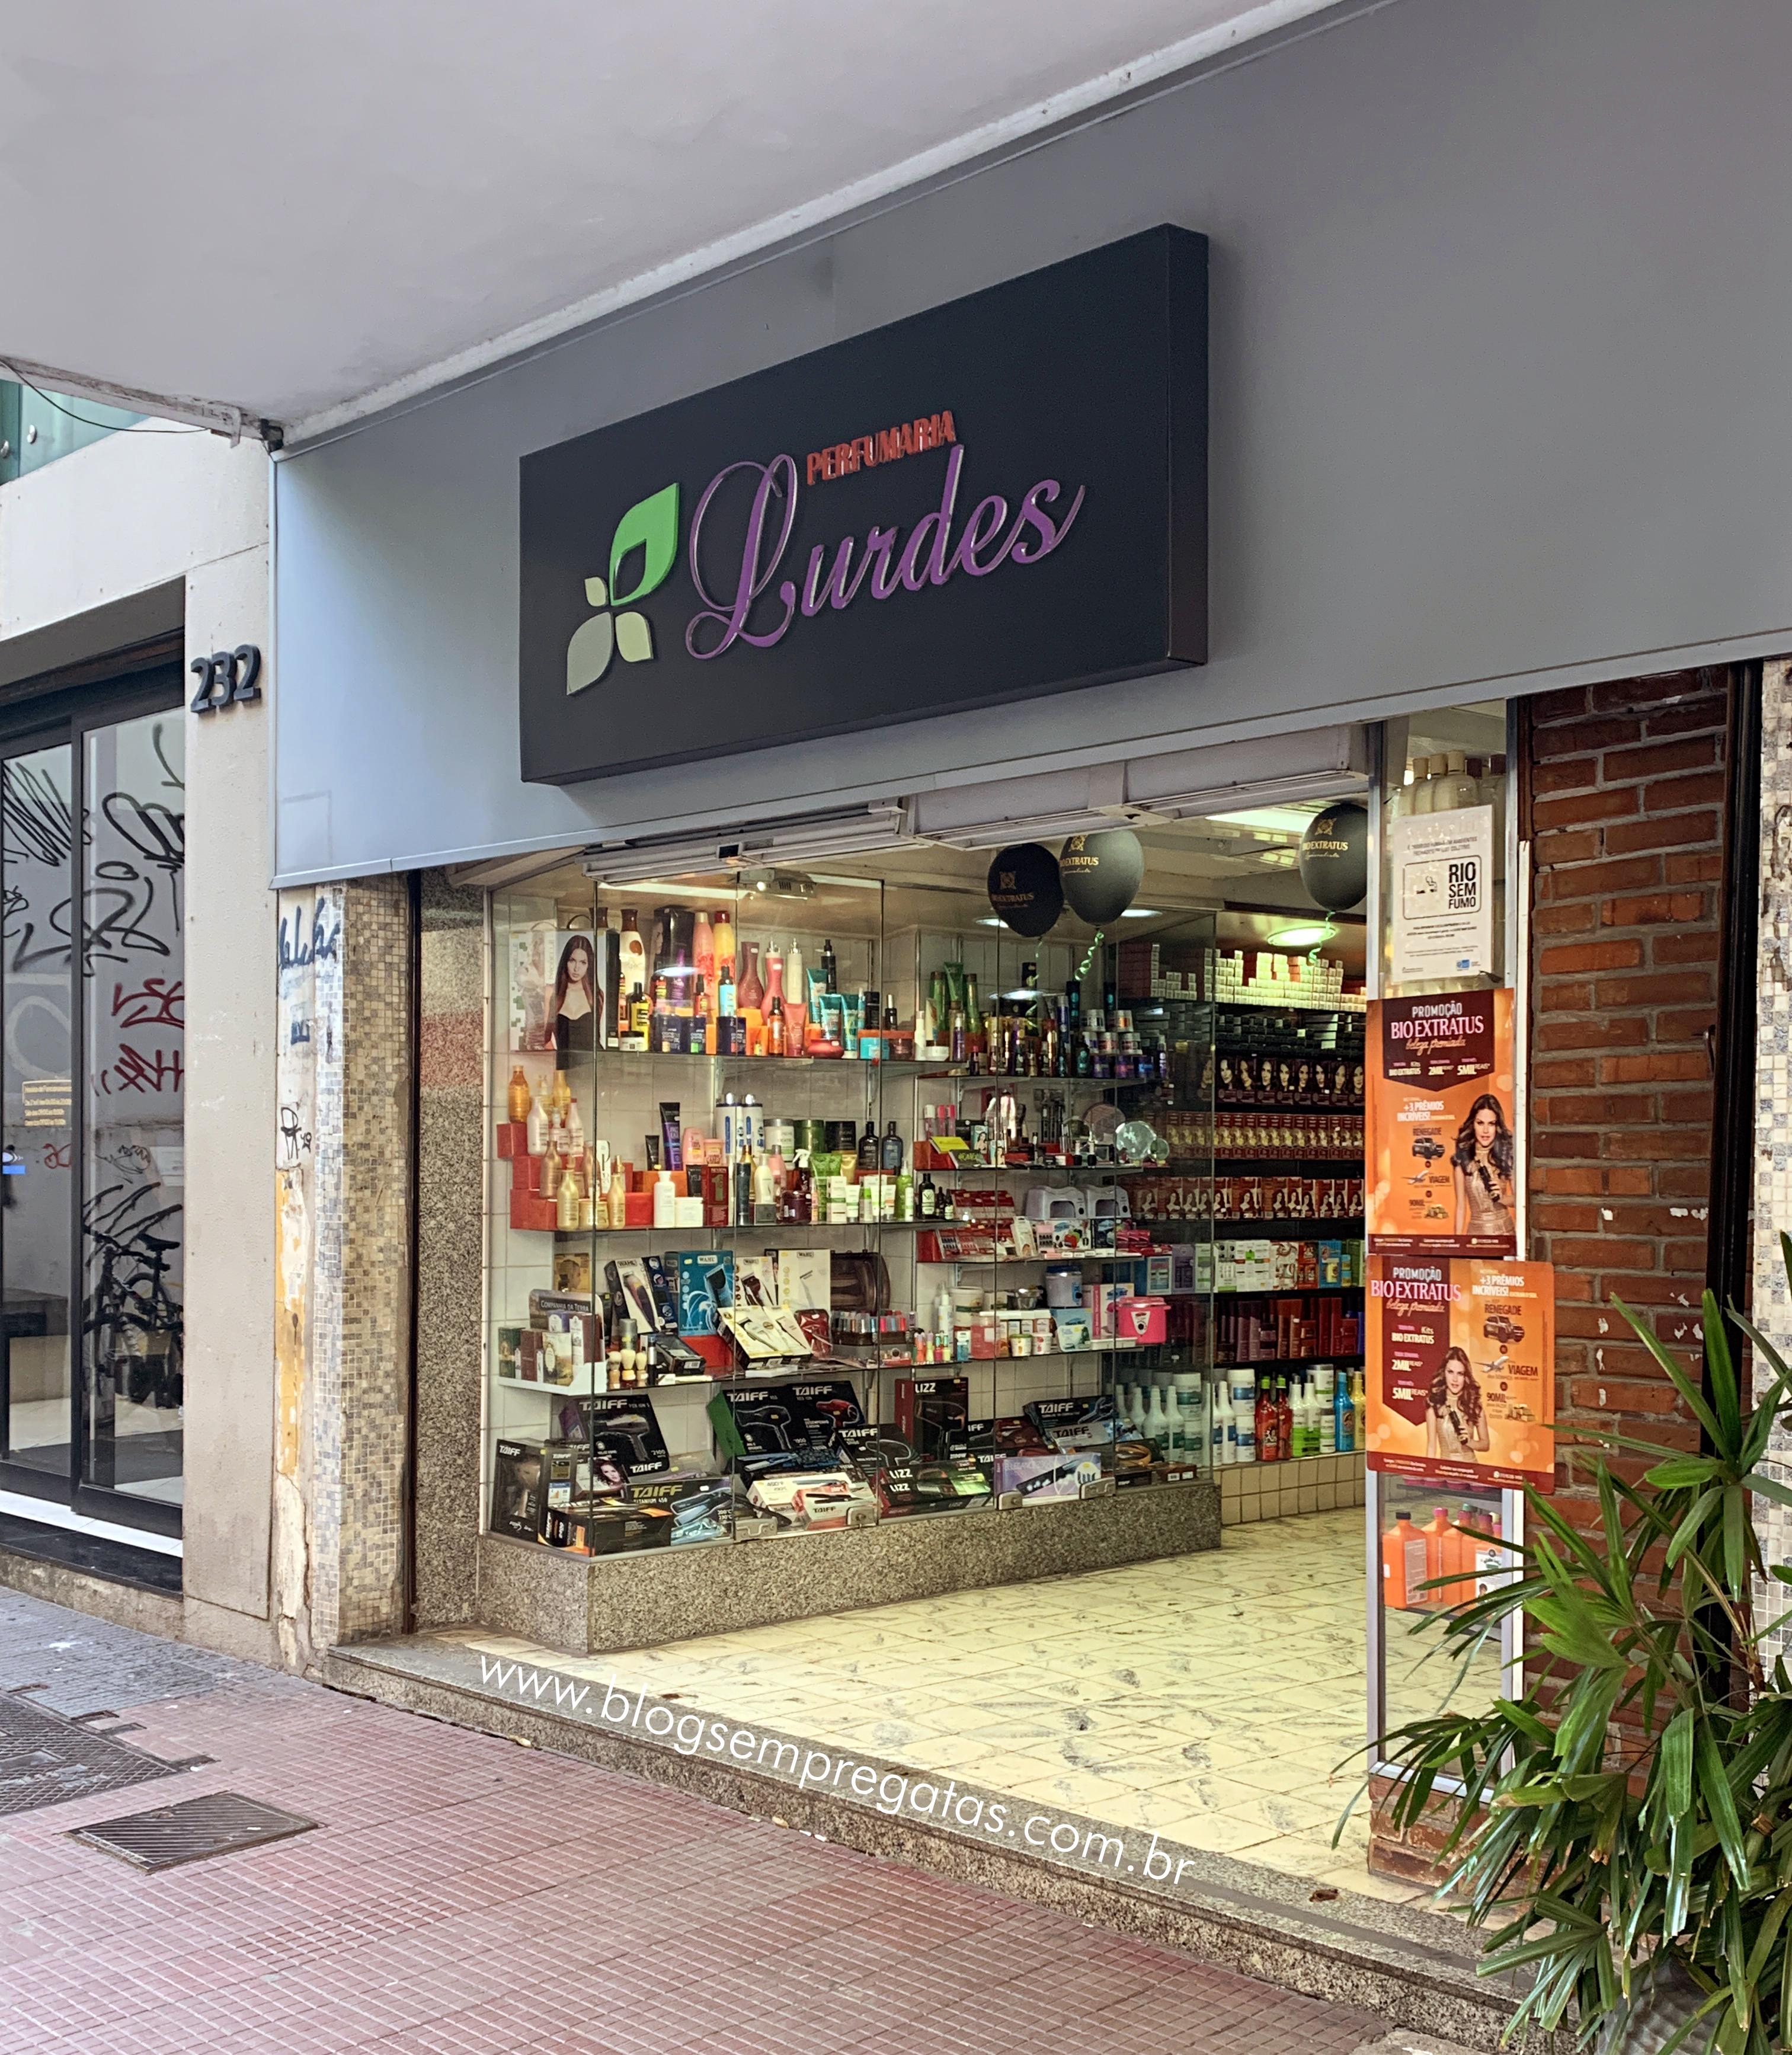 Entrada da Perfumaria Lurdes com letreiro com nome da marca e vitrine de produtos.